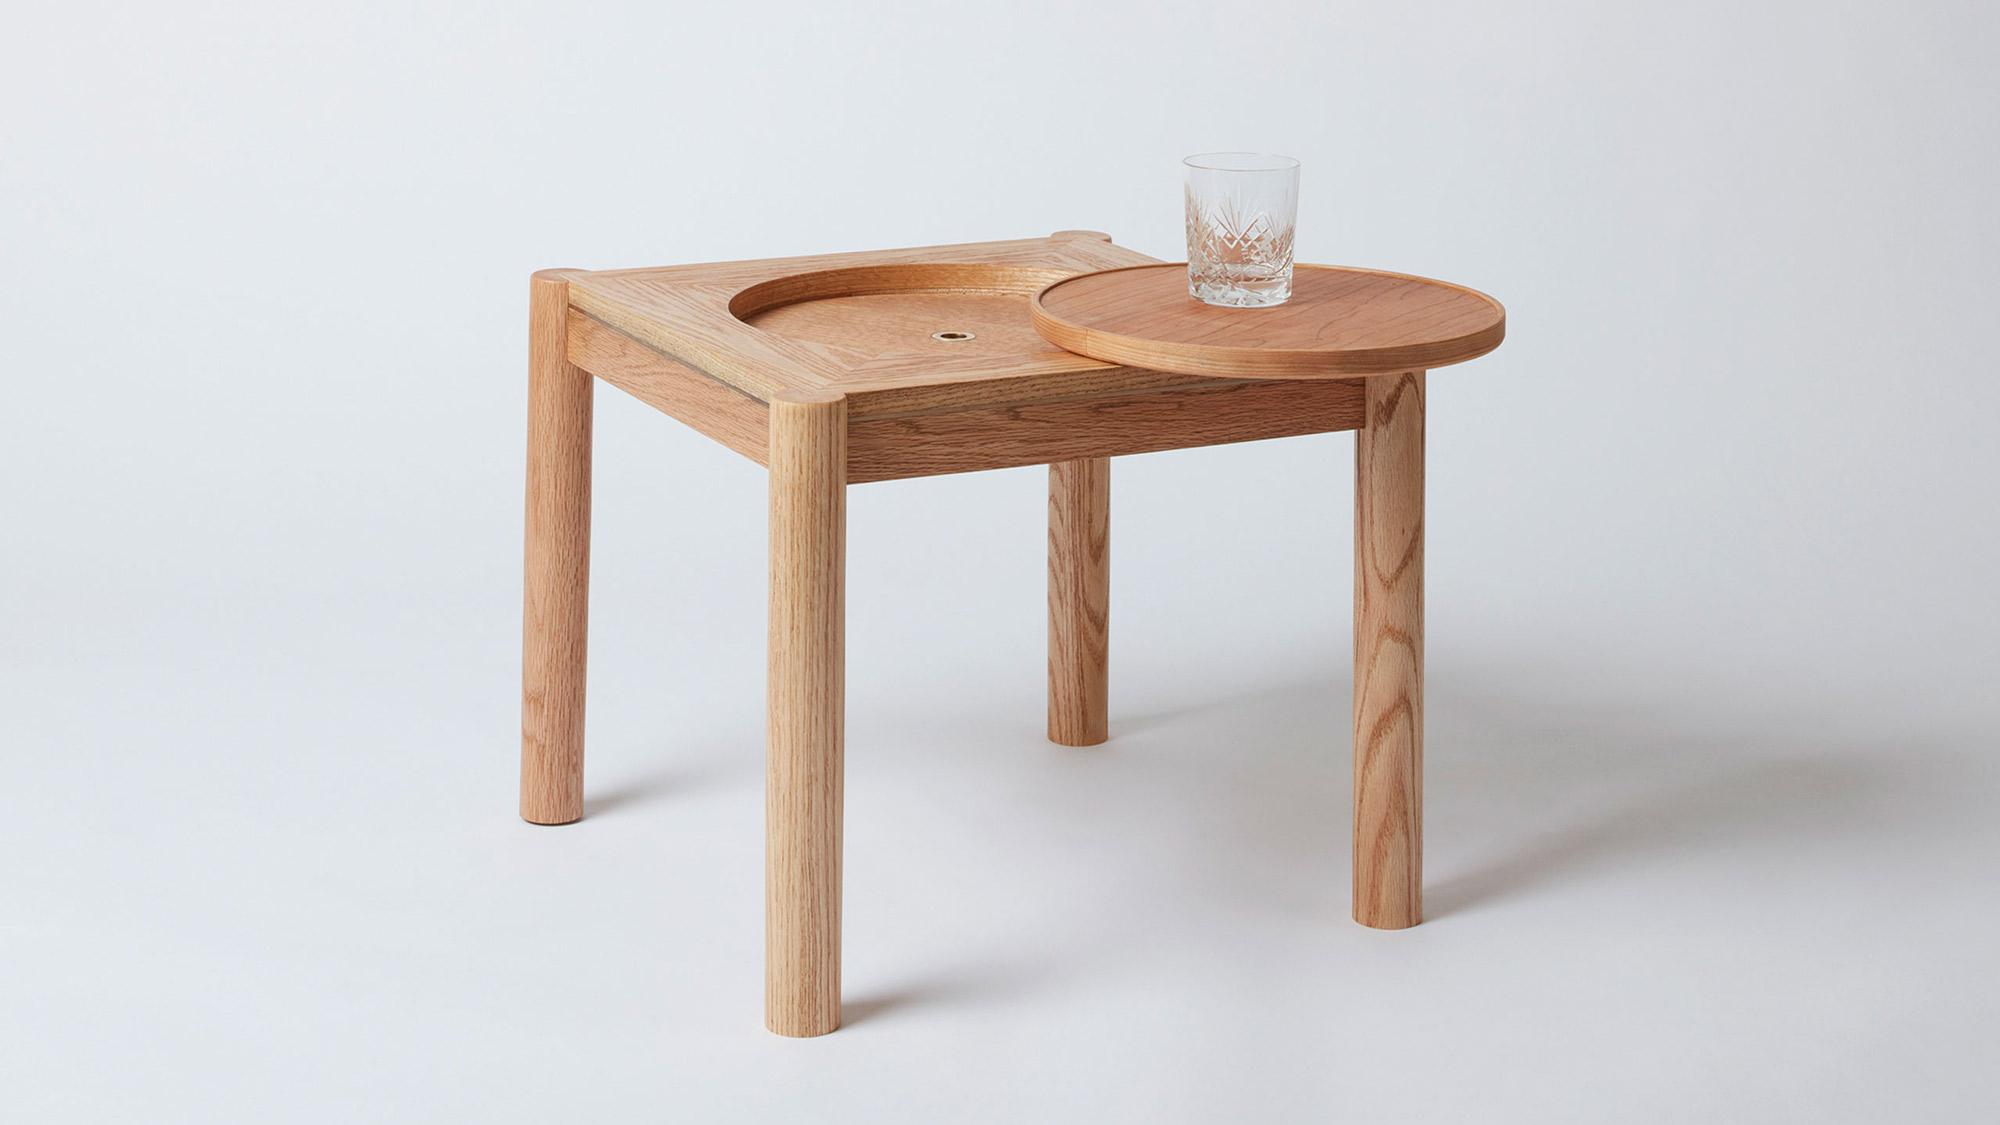 Companion table, Paul Wones Courtesy AHEC